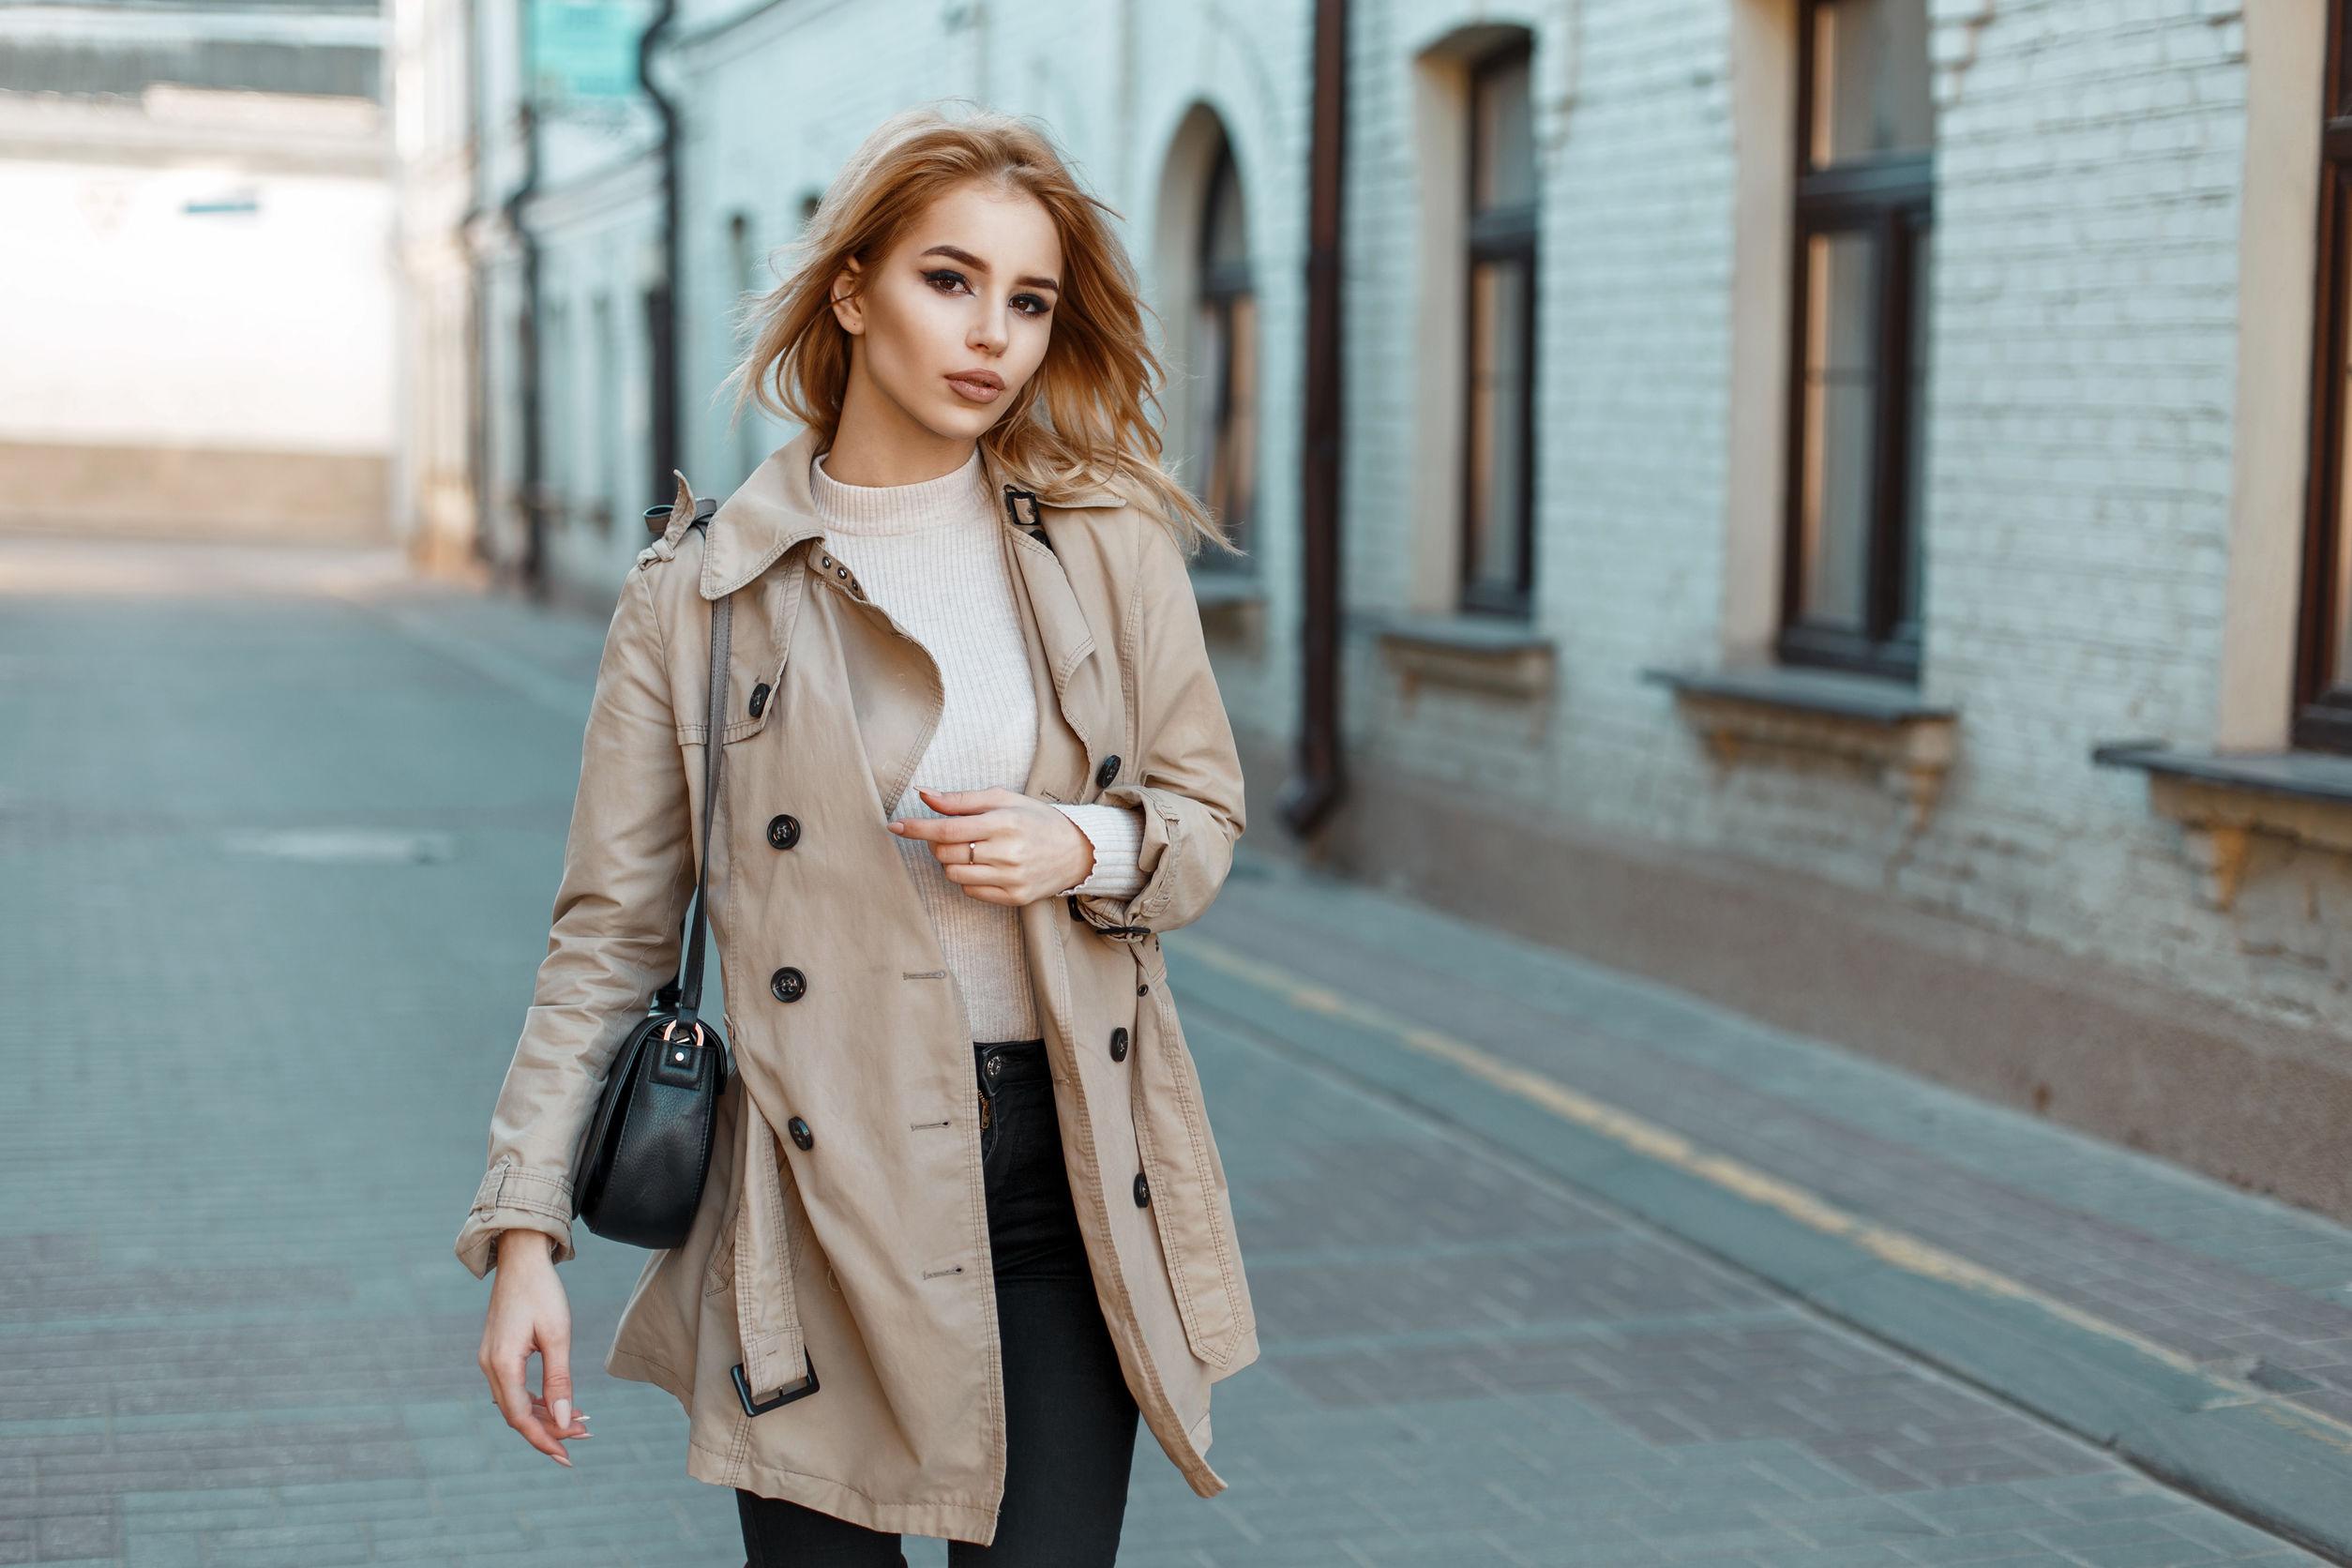 Wiosenne stylizacje damskie – jak modnie ubrać się wiosną?